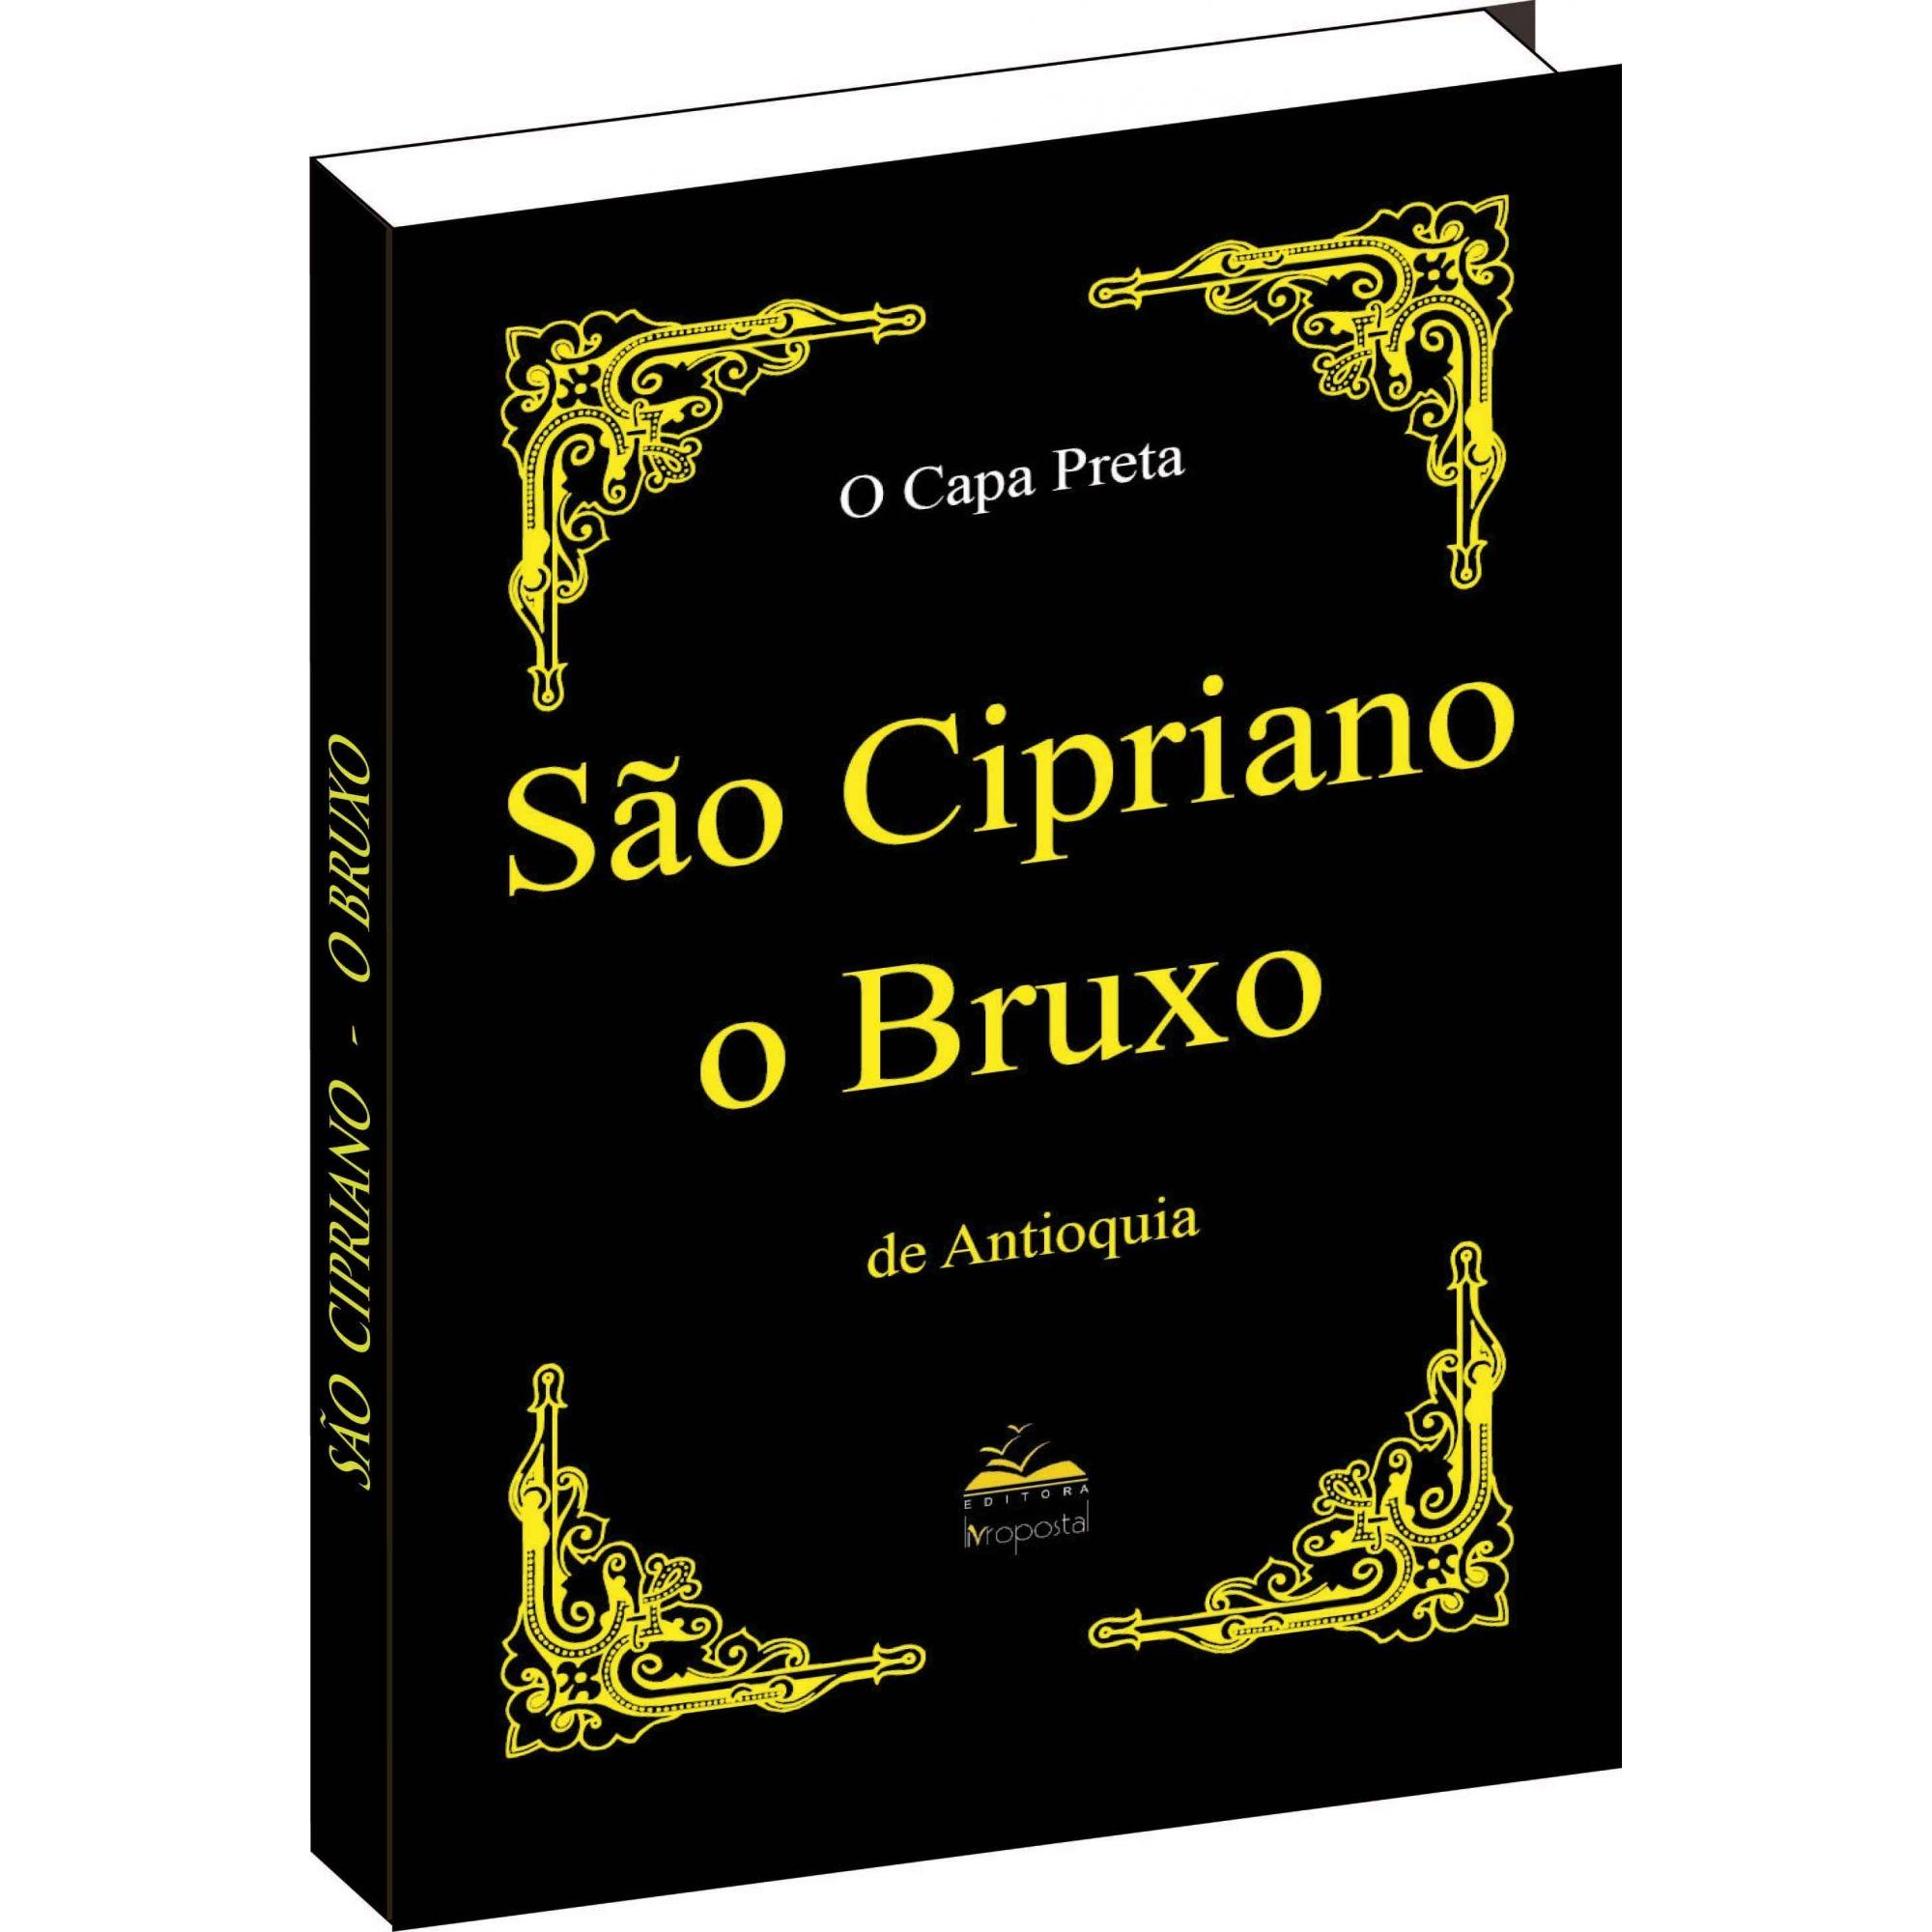 Livro De Sao Cipriano Capa Preta Pdf Gratis